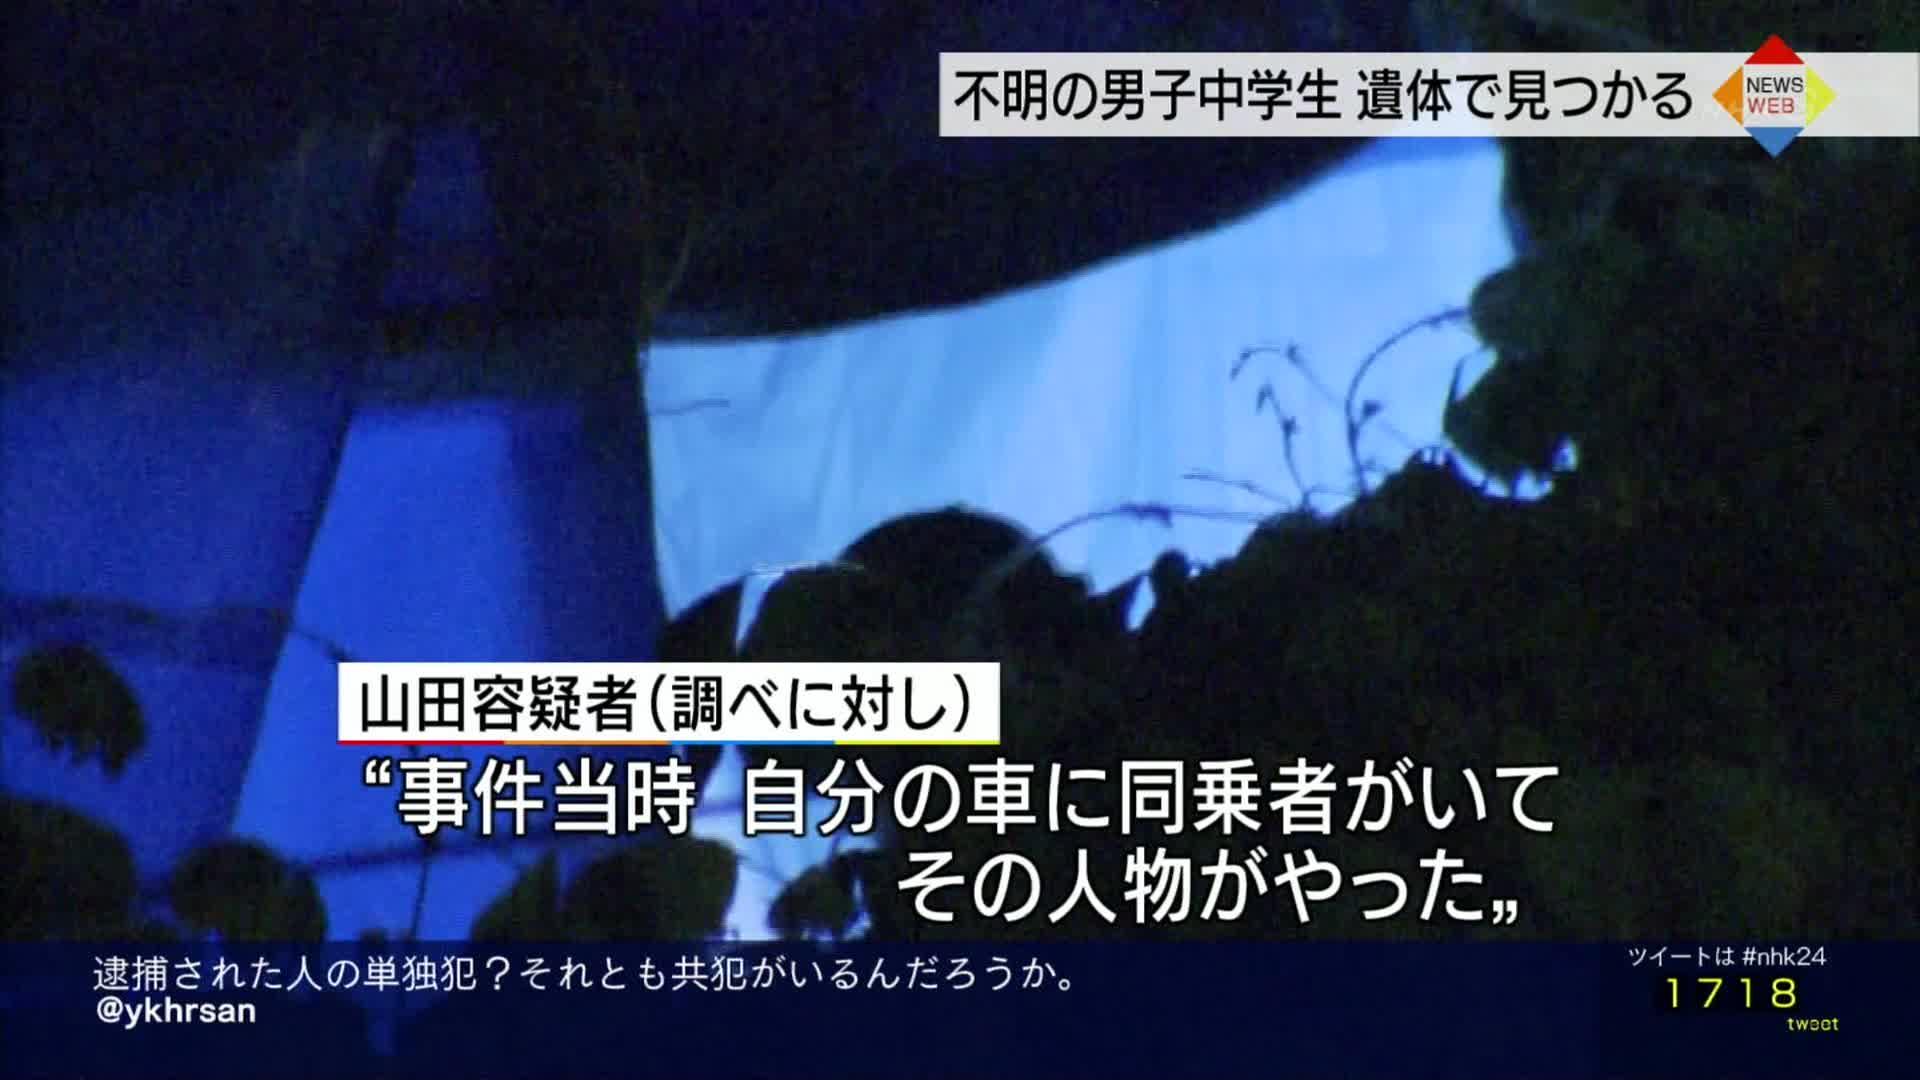 【速報】山田浩二「同乗者がやった」